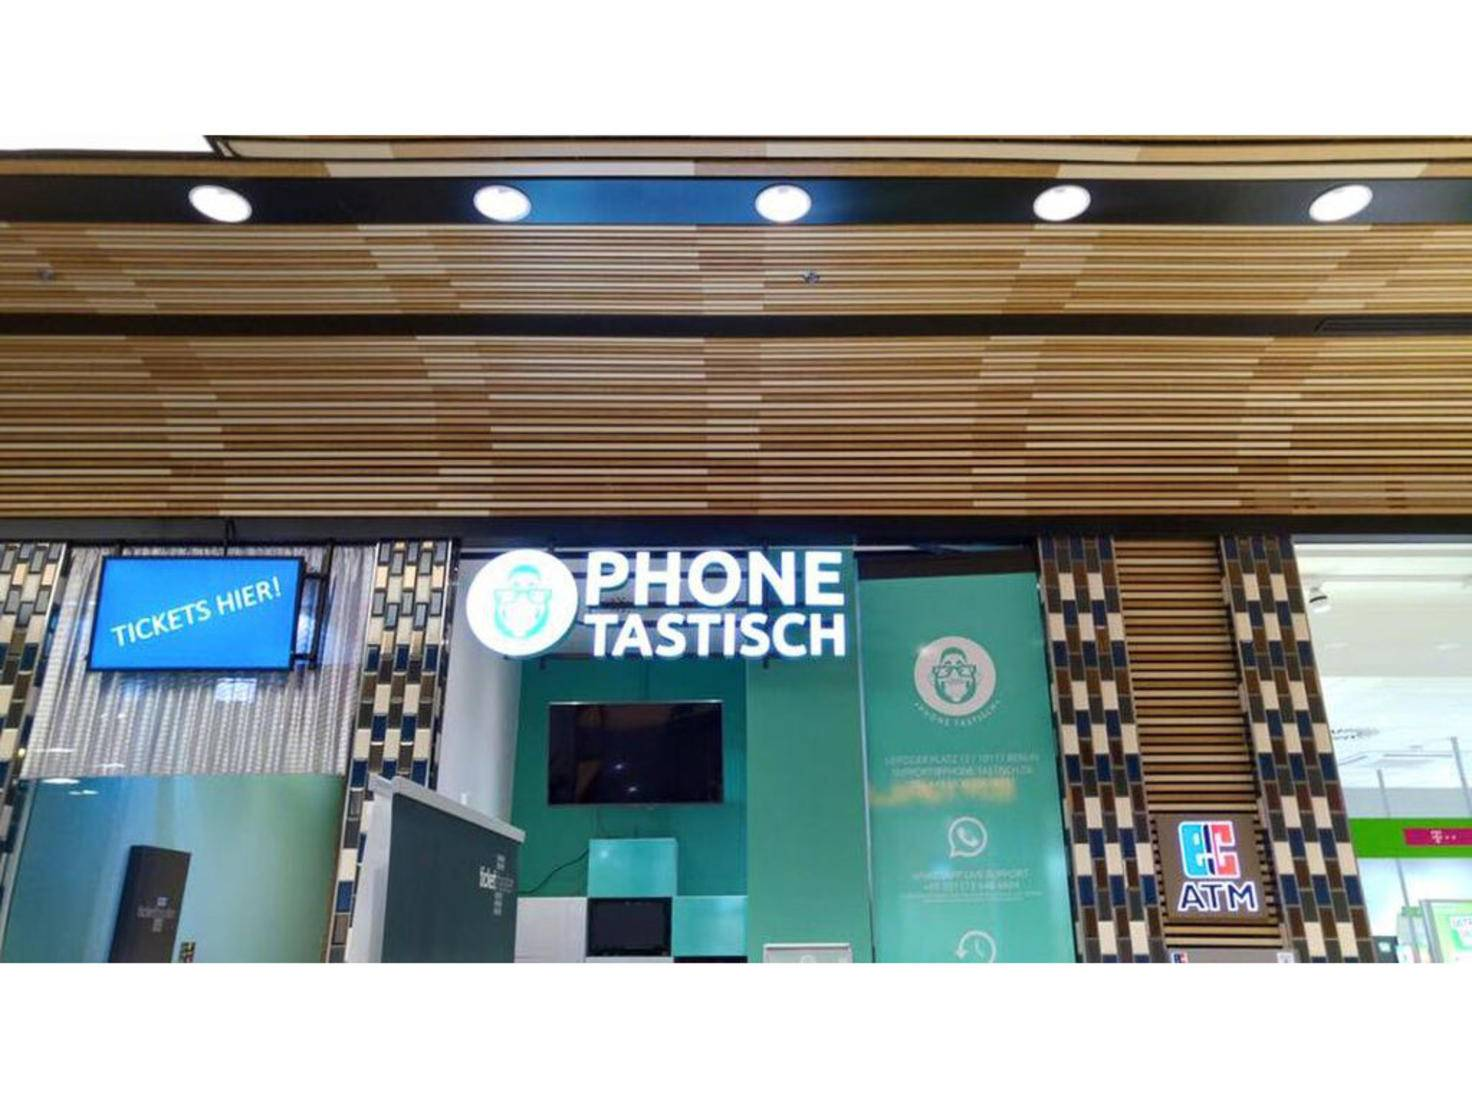 Eine WhatsApp-Nachricht? Das finde ich aber Phone-tastisch!